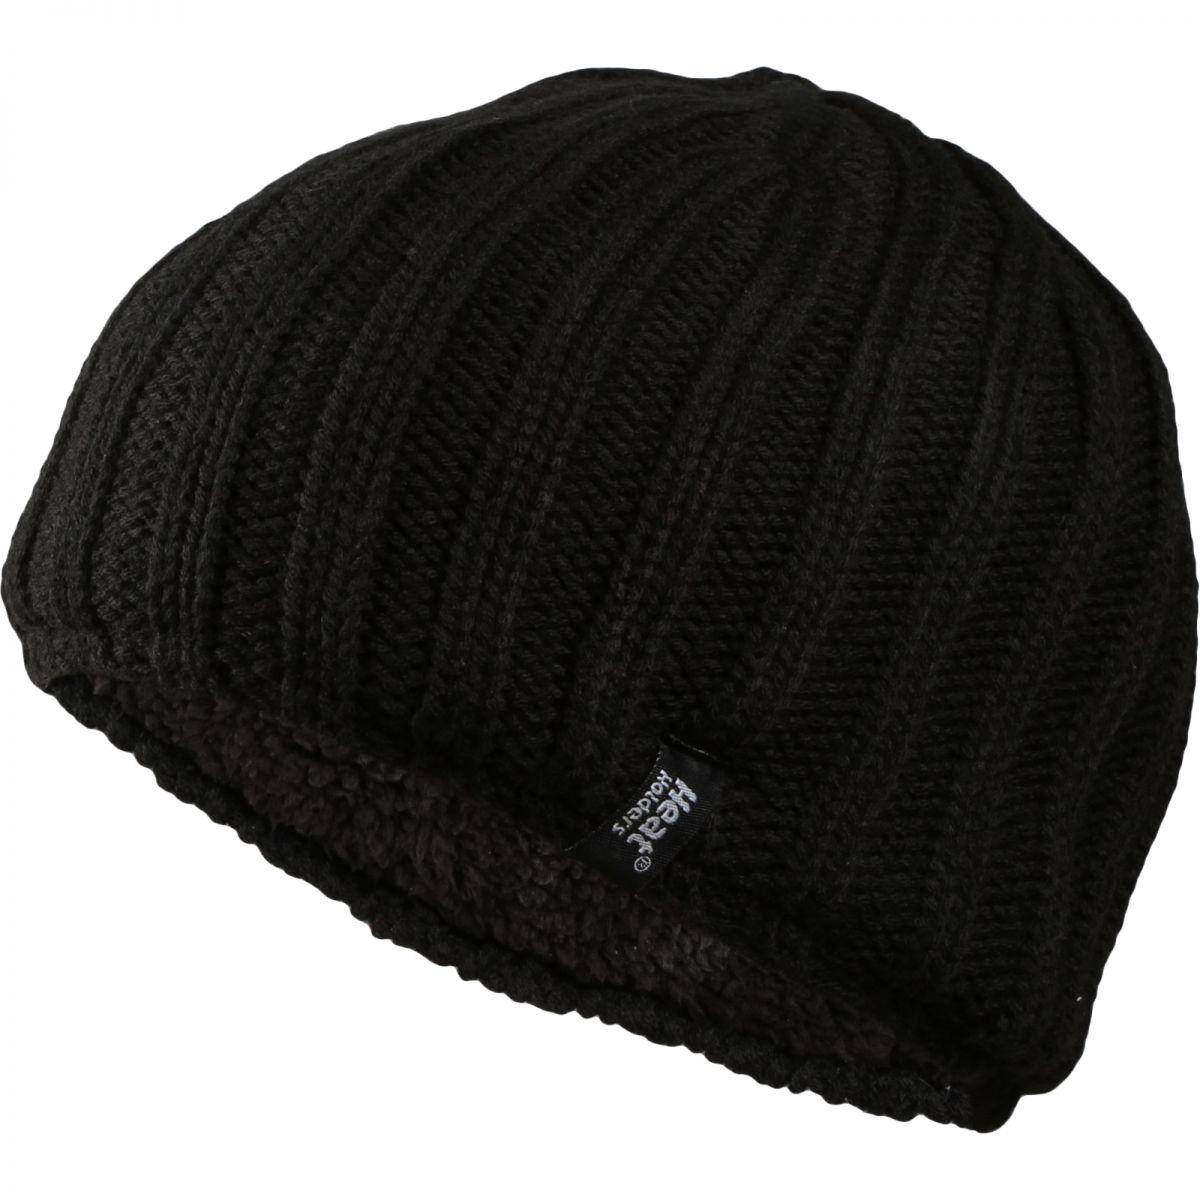 /produkty/55/ciapky-siltovky/Heat-Holders/Termo-Ciapka-Heat-Holders-Men-Hat